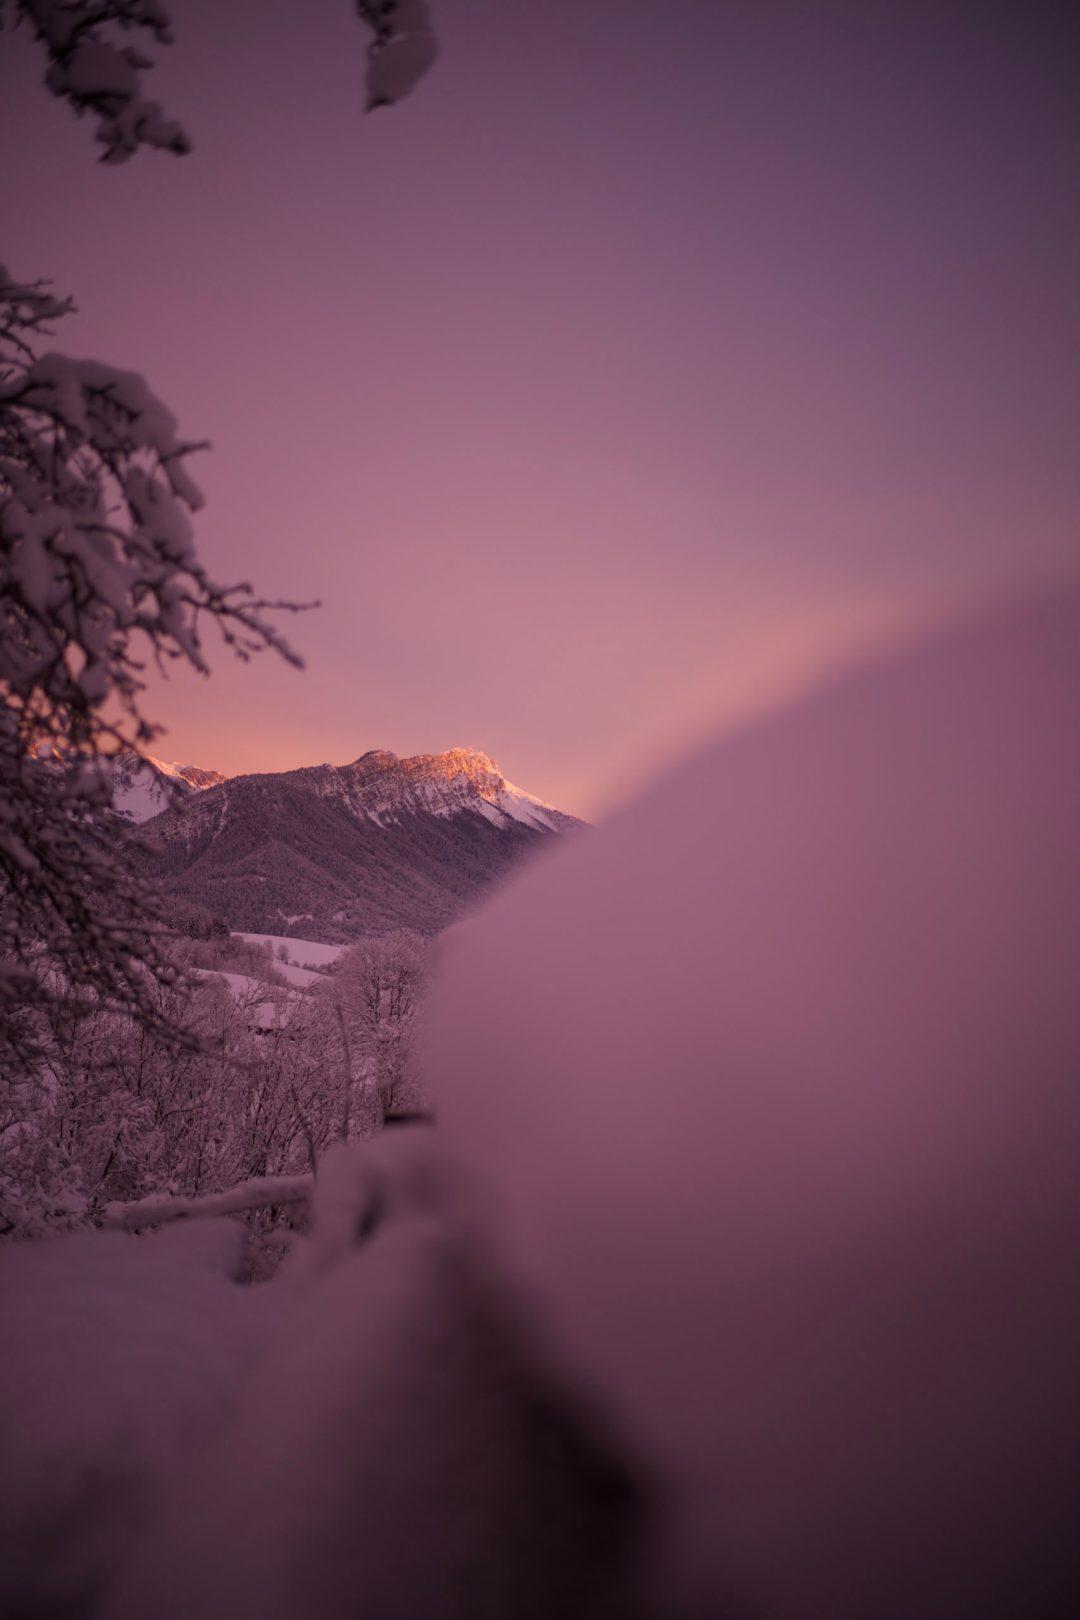 Les bauges un soir d'hiver avec une lumière improbable